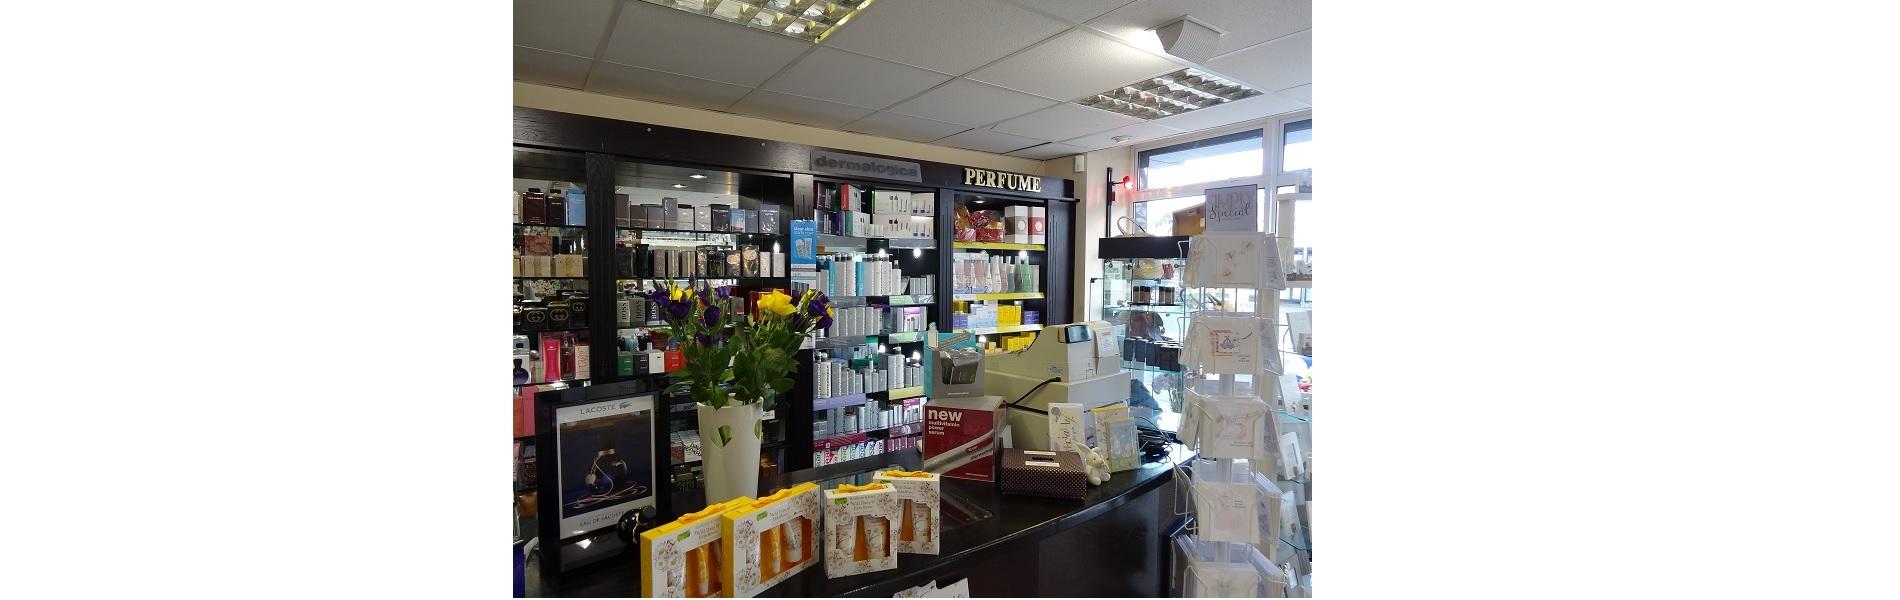 Health, Beauty & Gift Shop